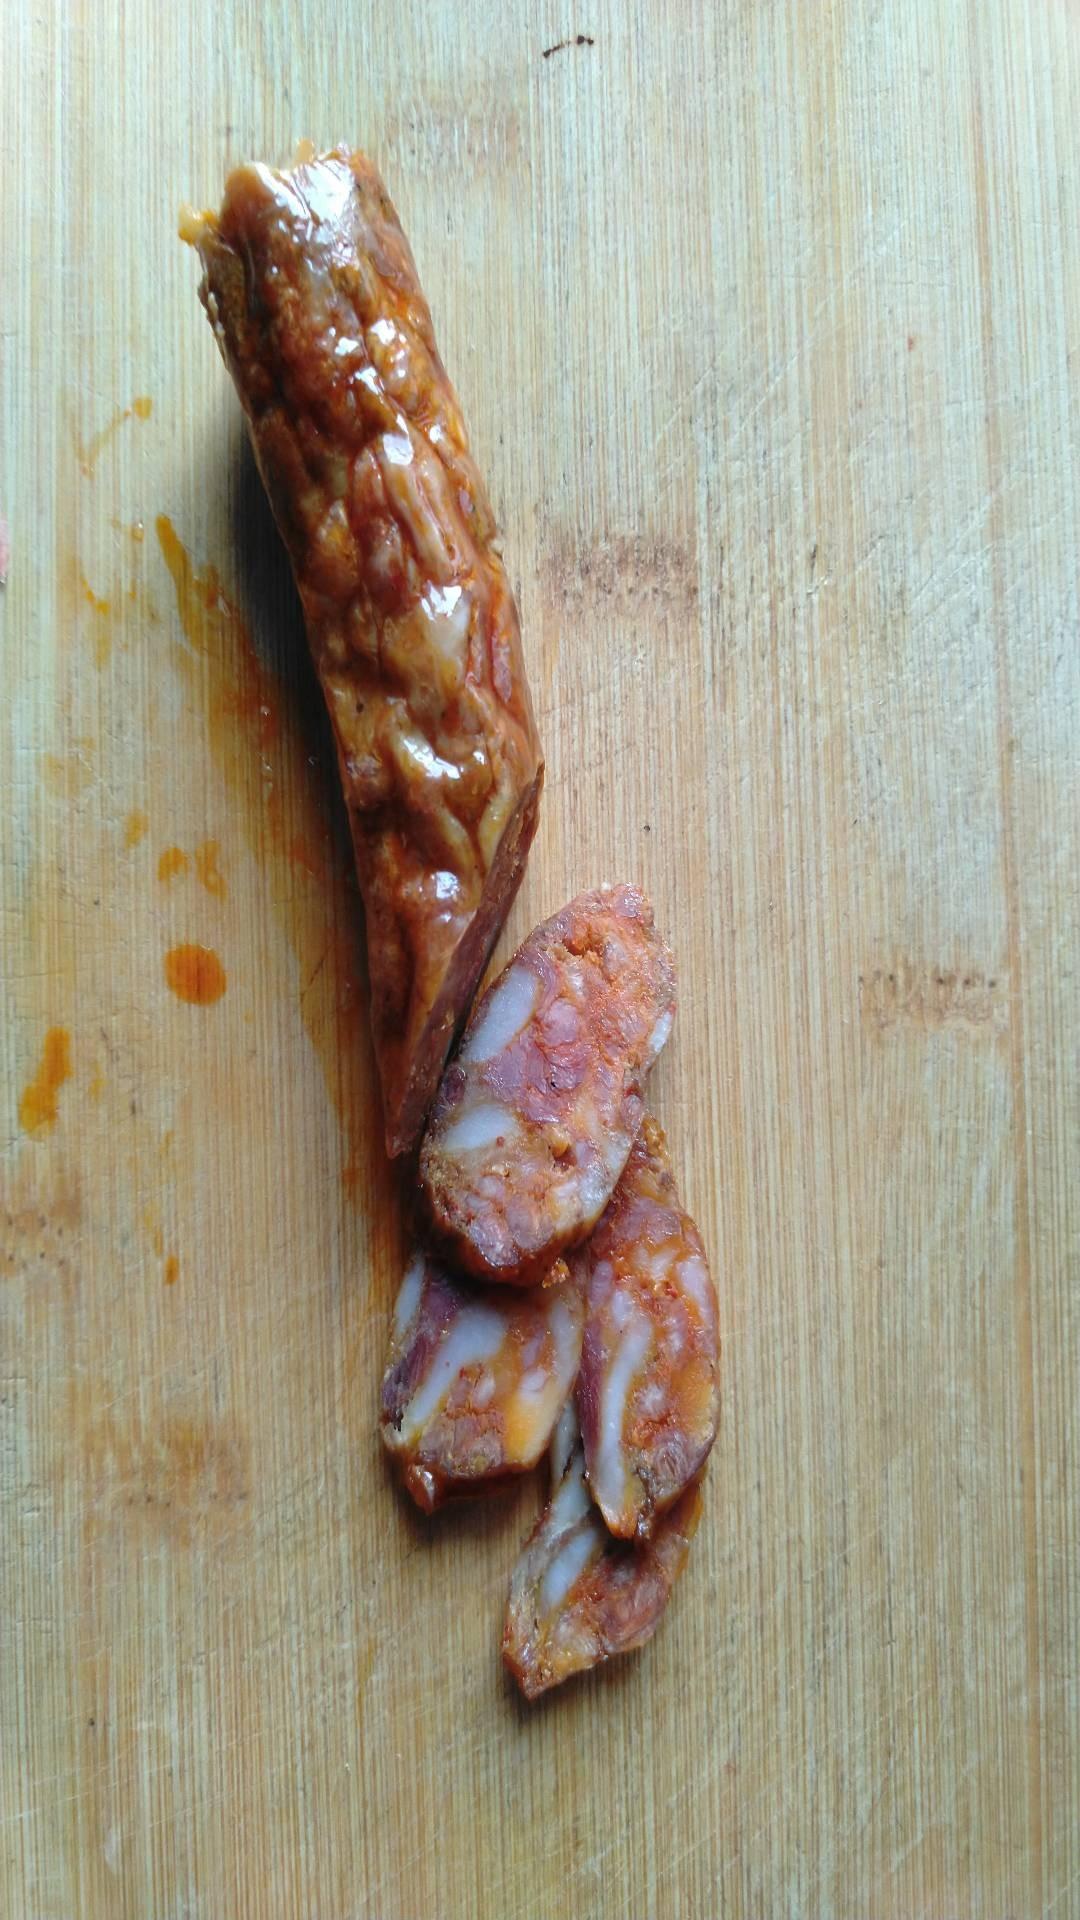 香肠焖谷米饭怎么吃